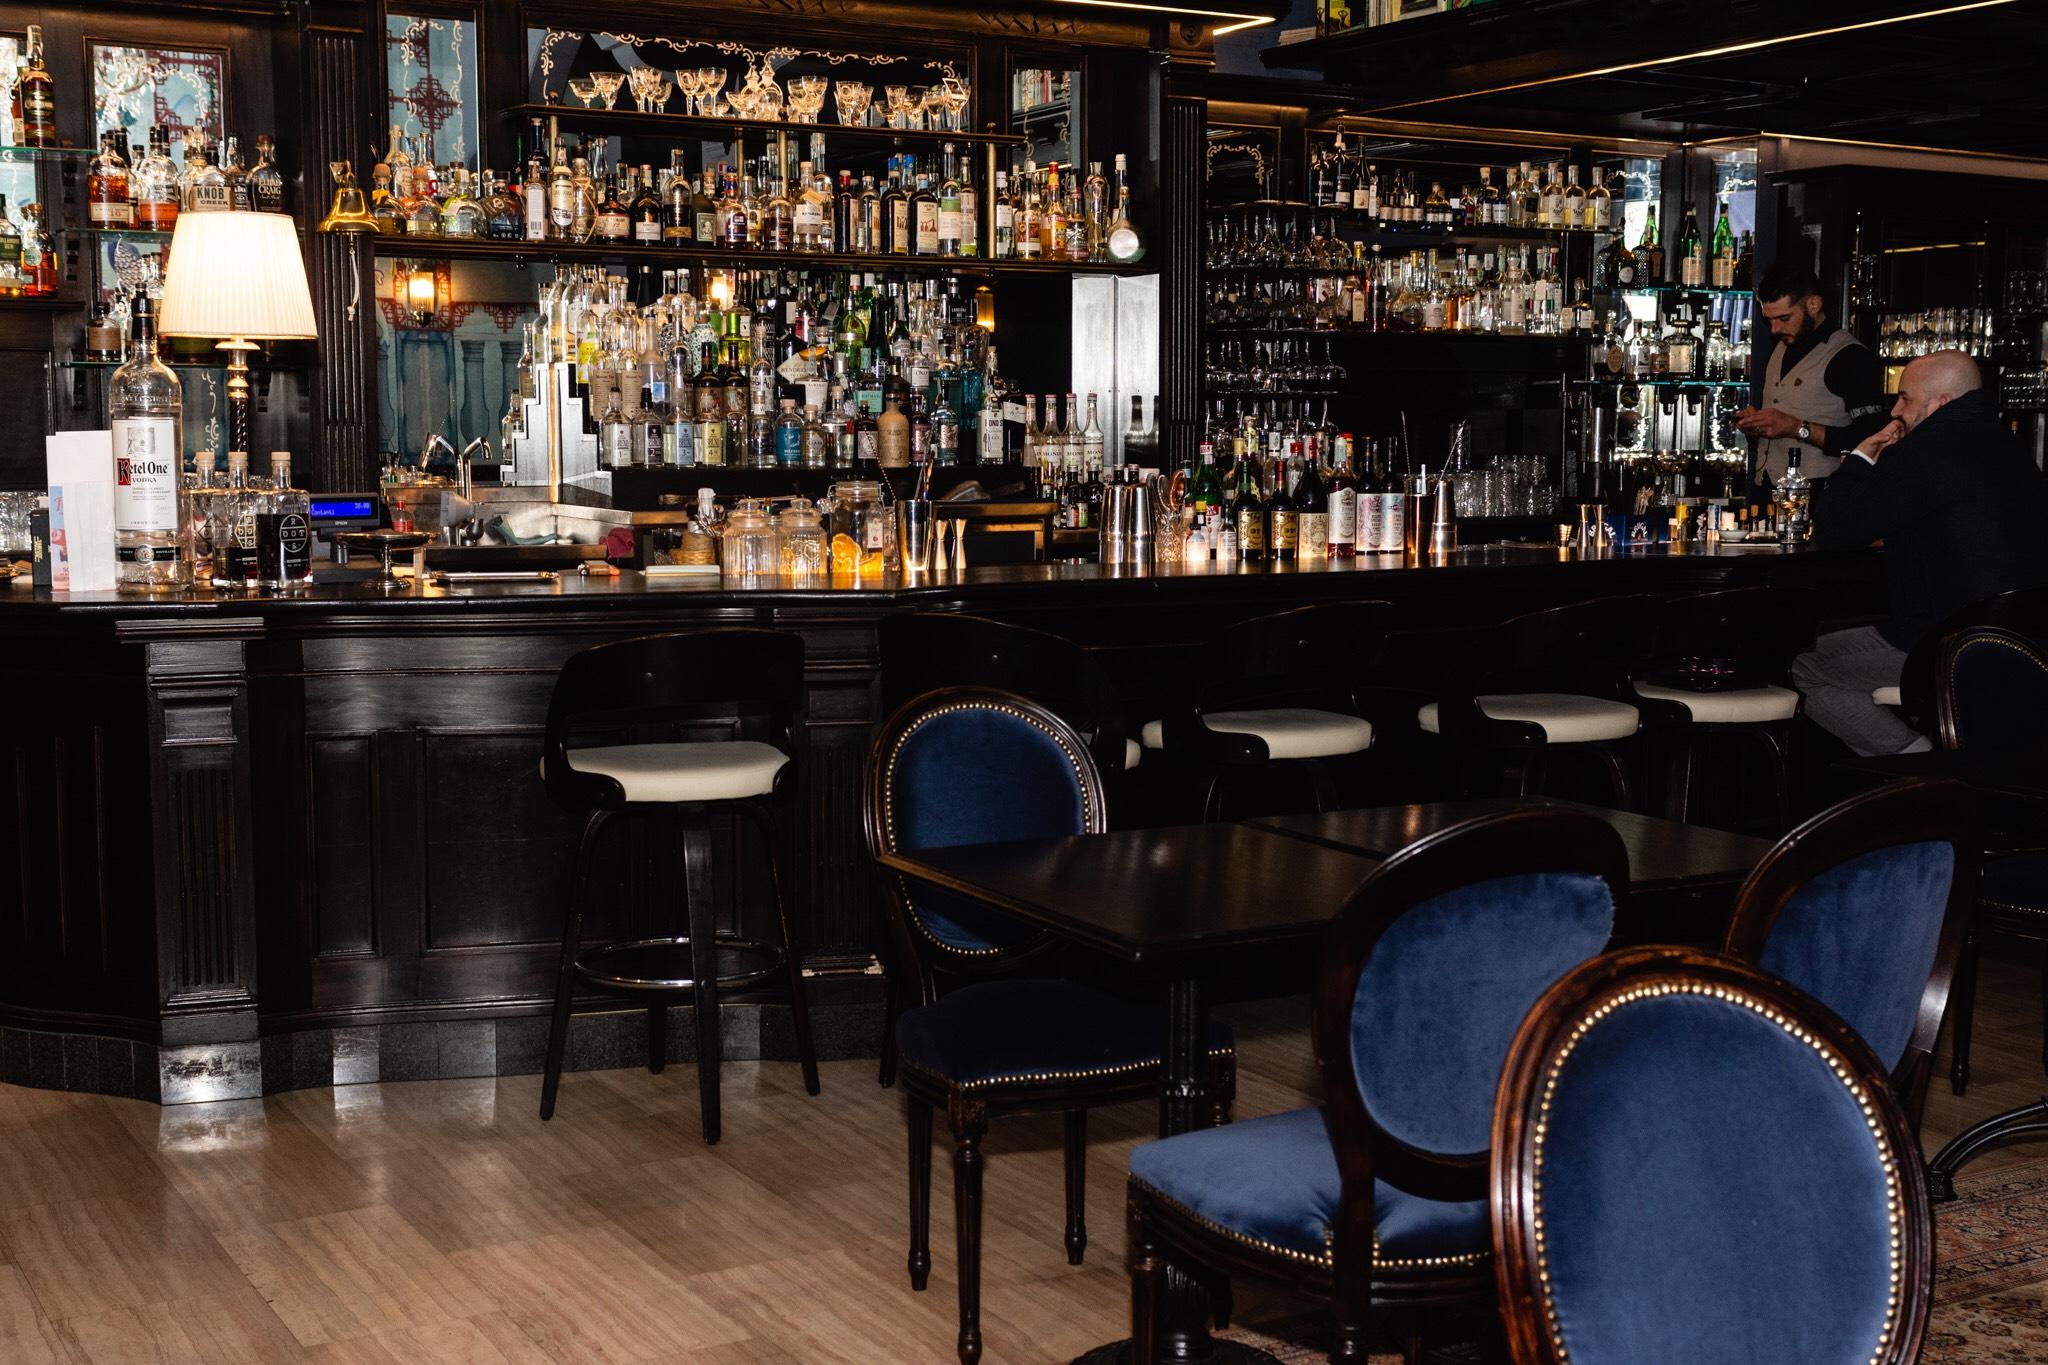 locale con sedie in velluto blu e ricca stagera di distillati premium